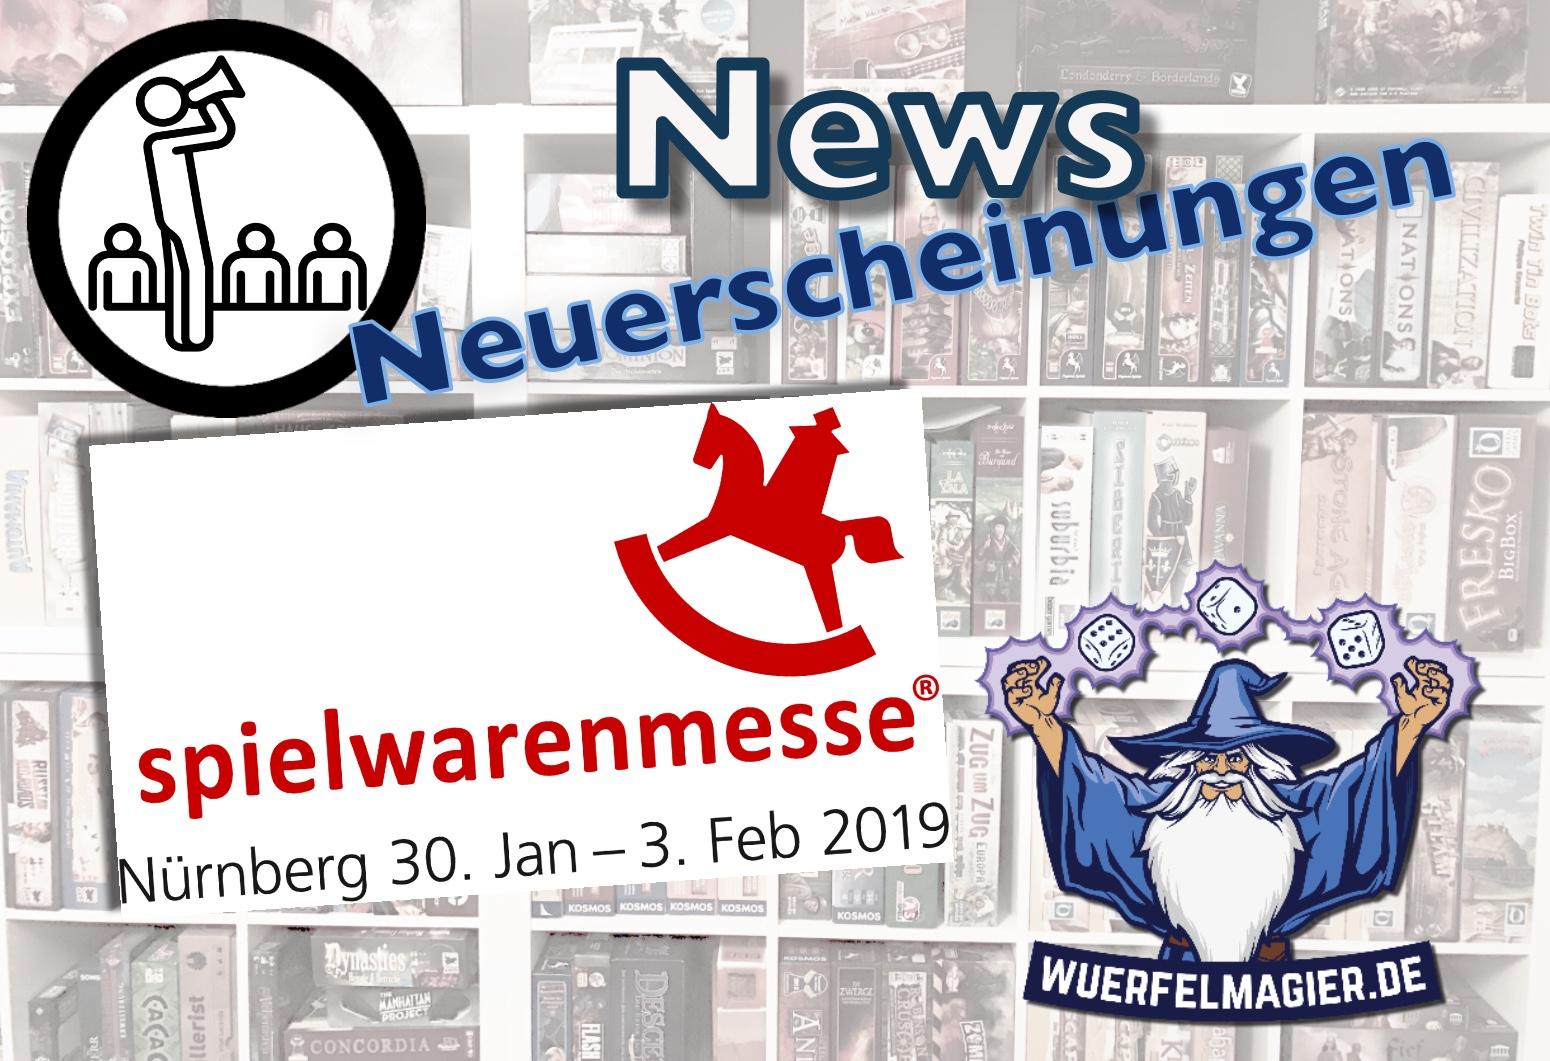 Spielwarenmesse 2019 Nürnberg Brettspiel boardgames nuremberg Neuerscheinungen Würfelmagier Wuerfelmagier